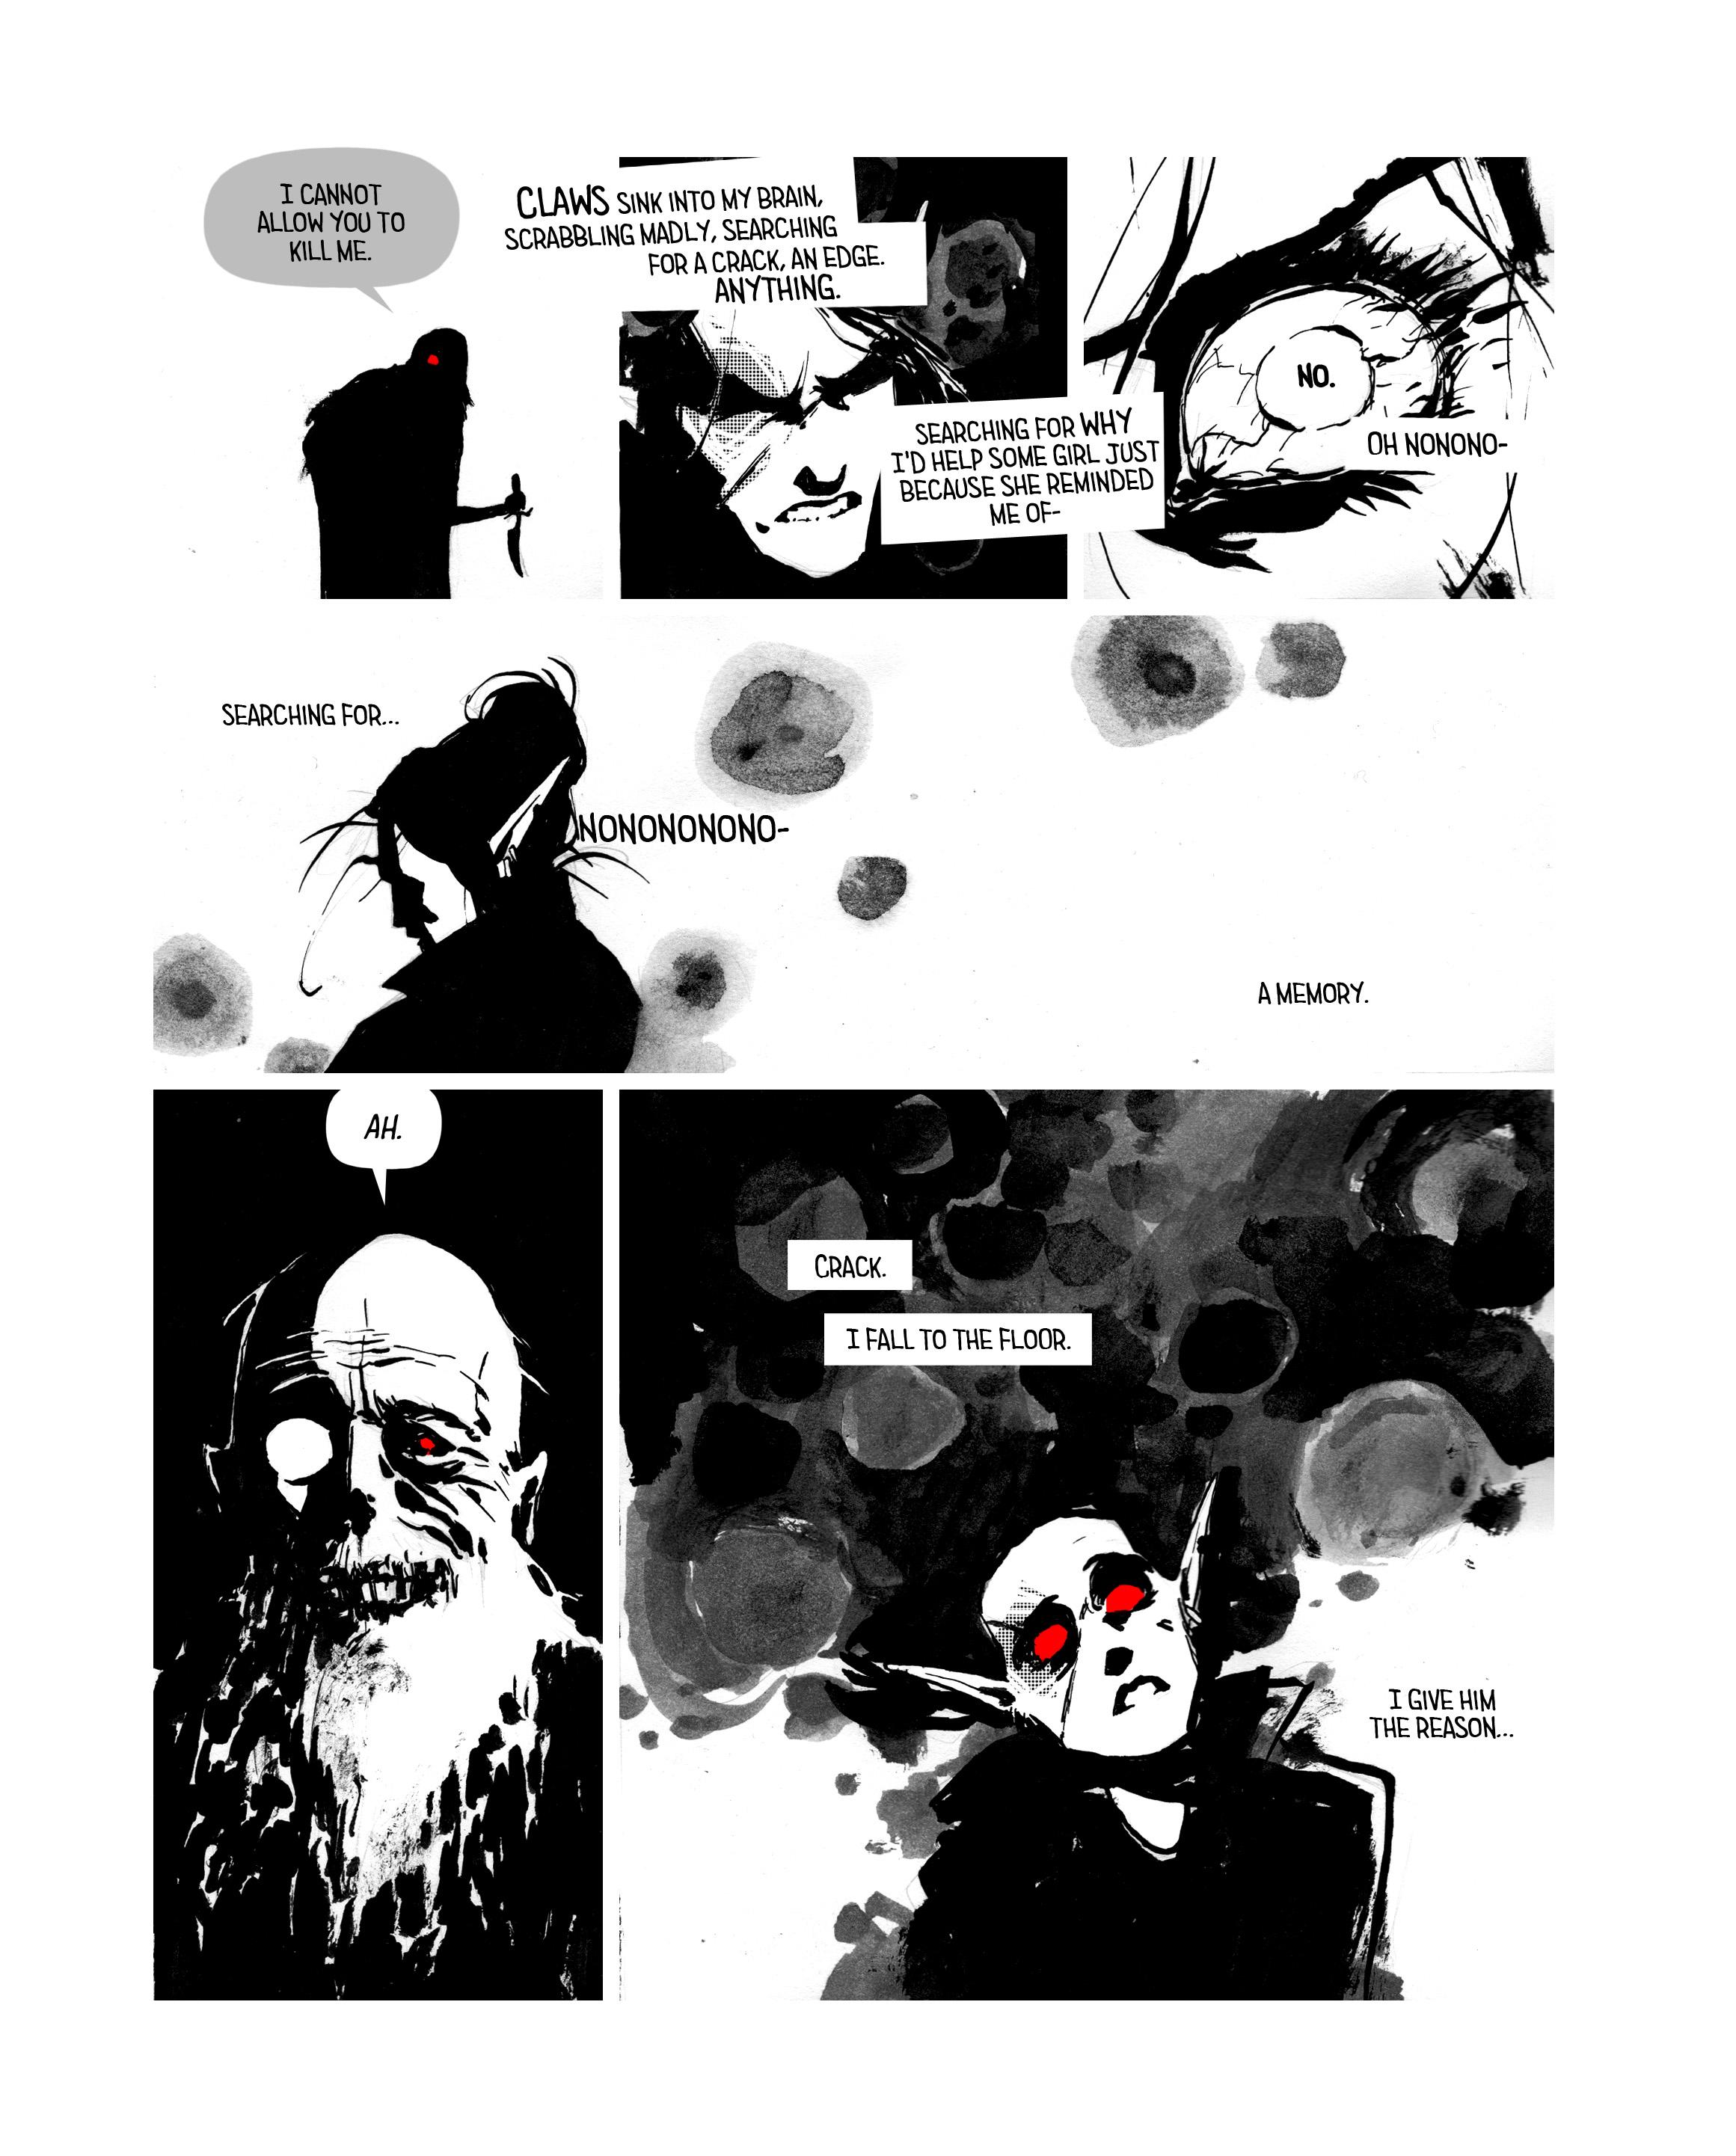 Book 1: p154